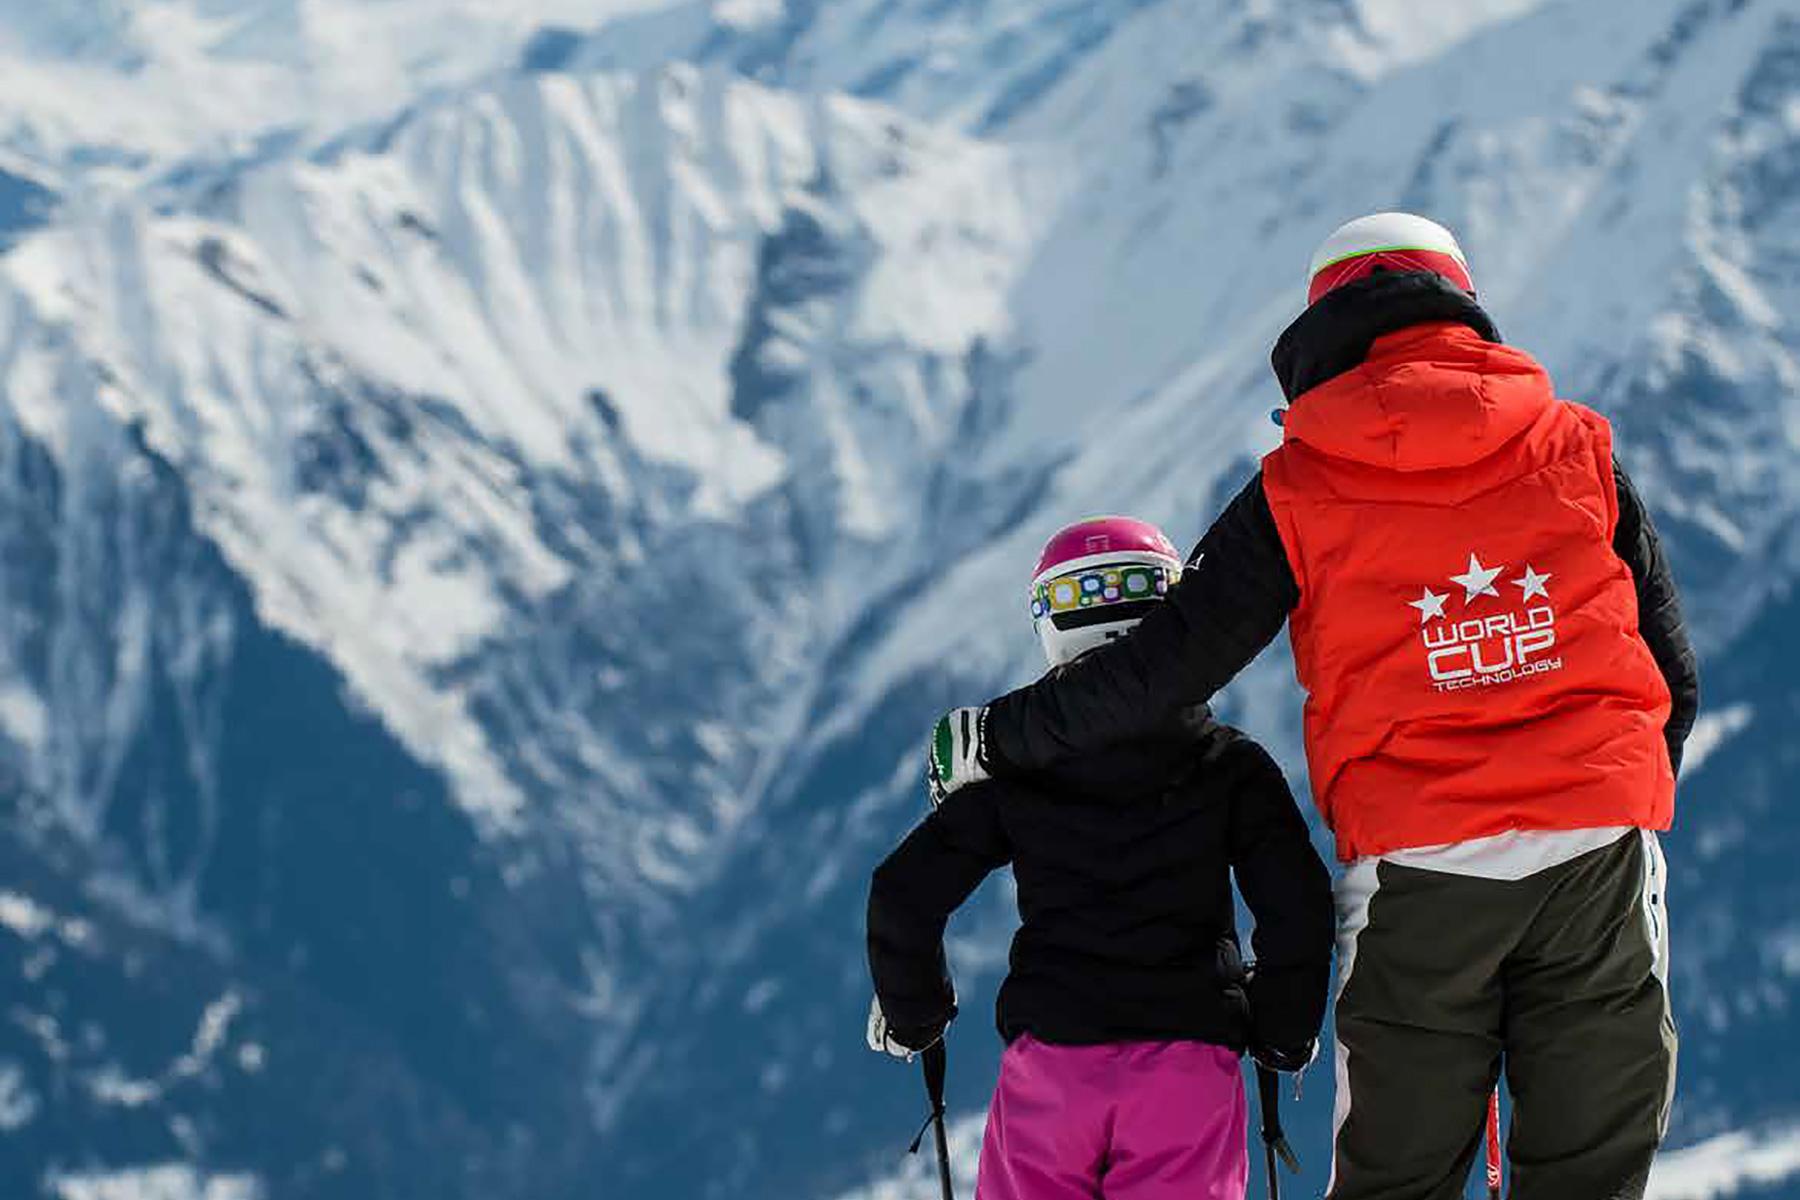 Skisaison WARM UP